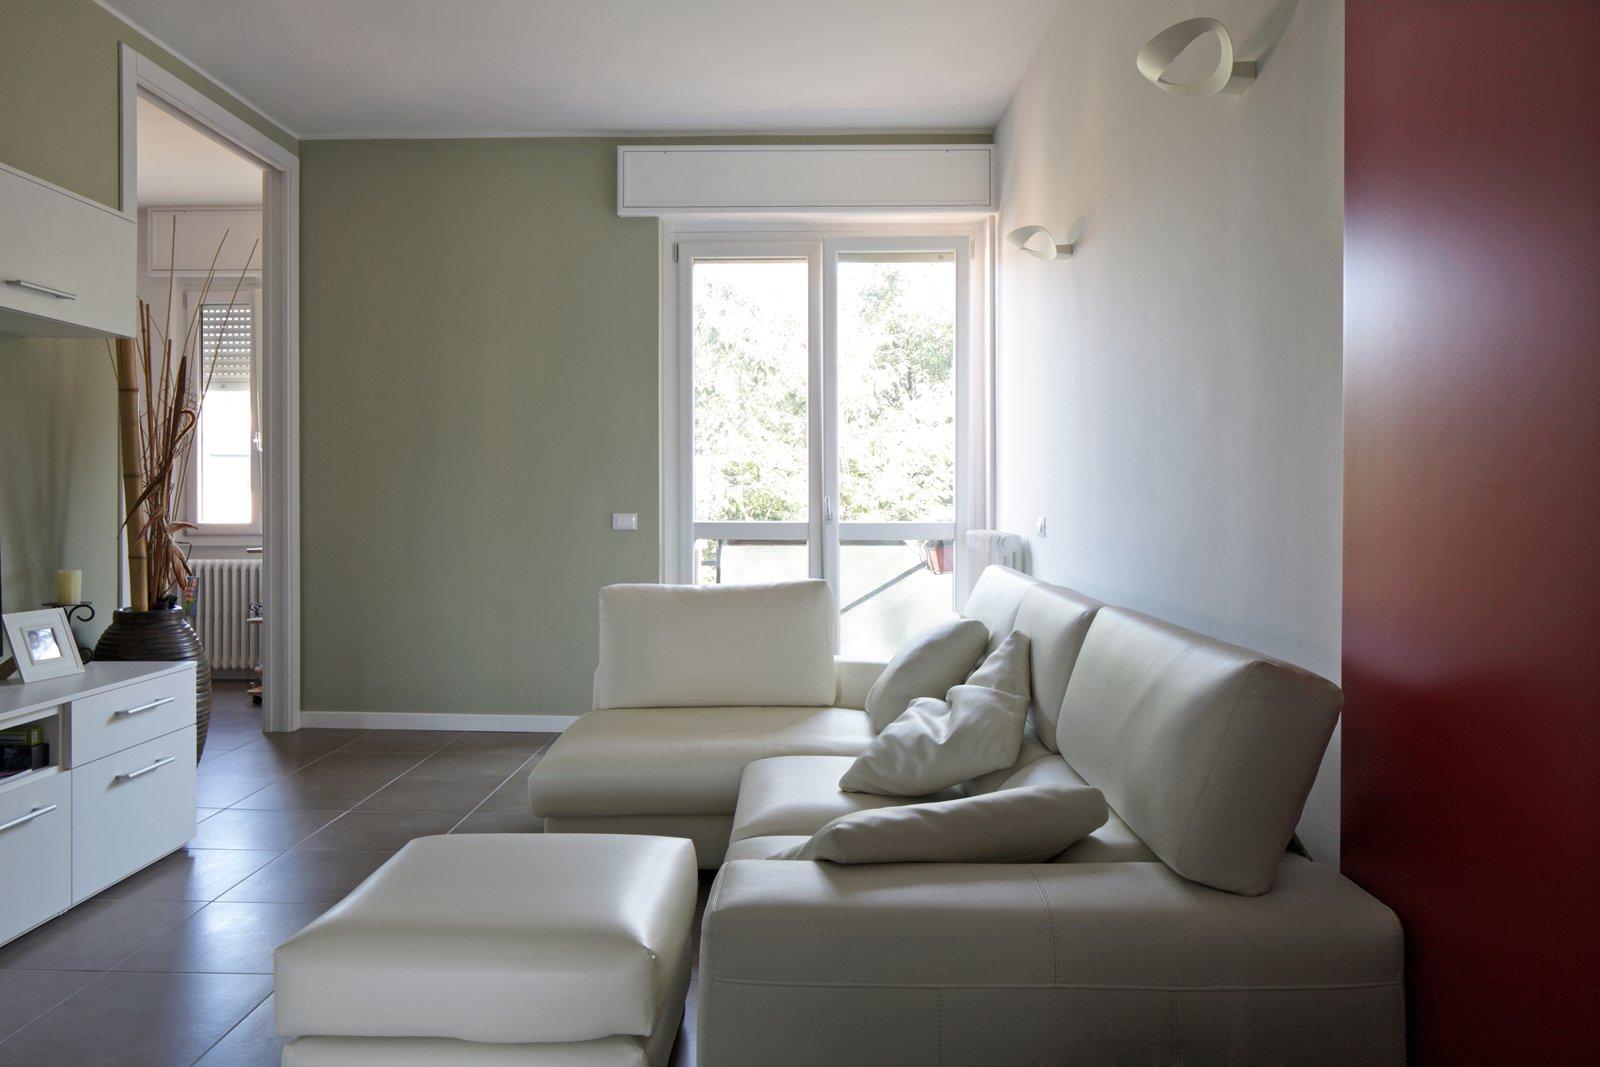 Idee da copiare per migliorare la casa cose di casa for Idee per la casa arredamento